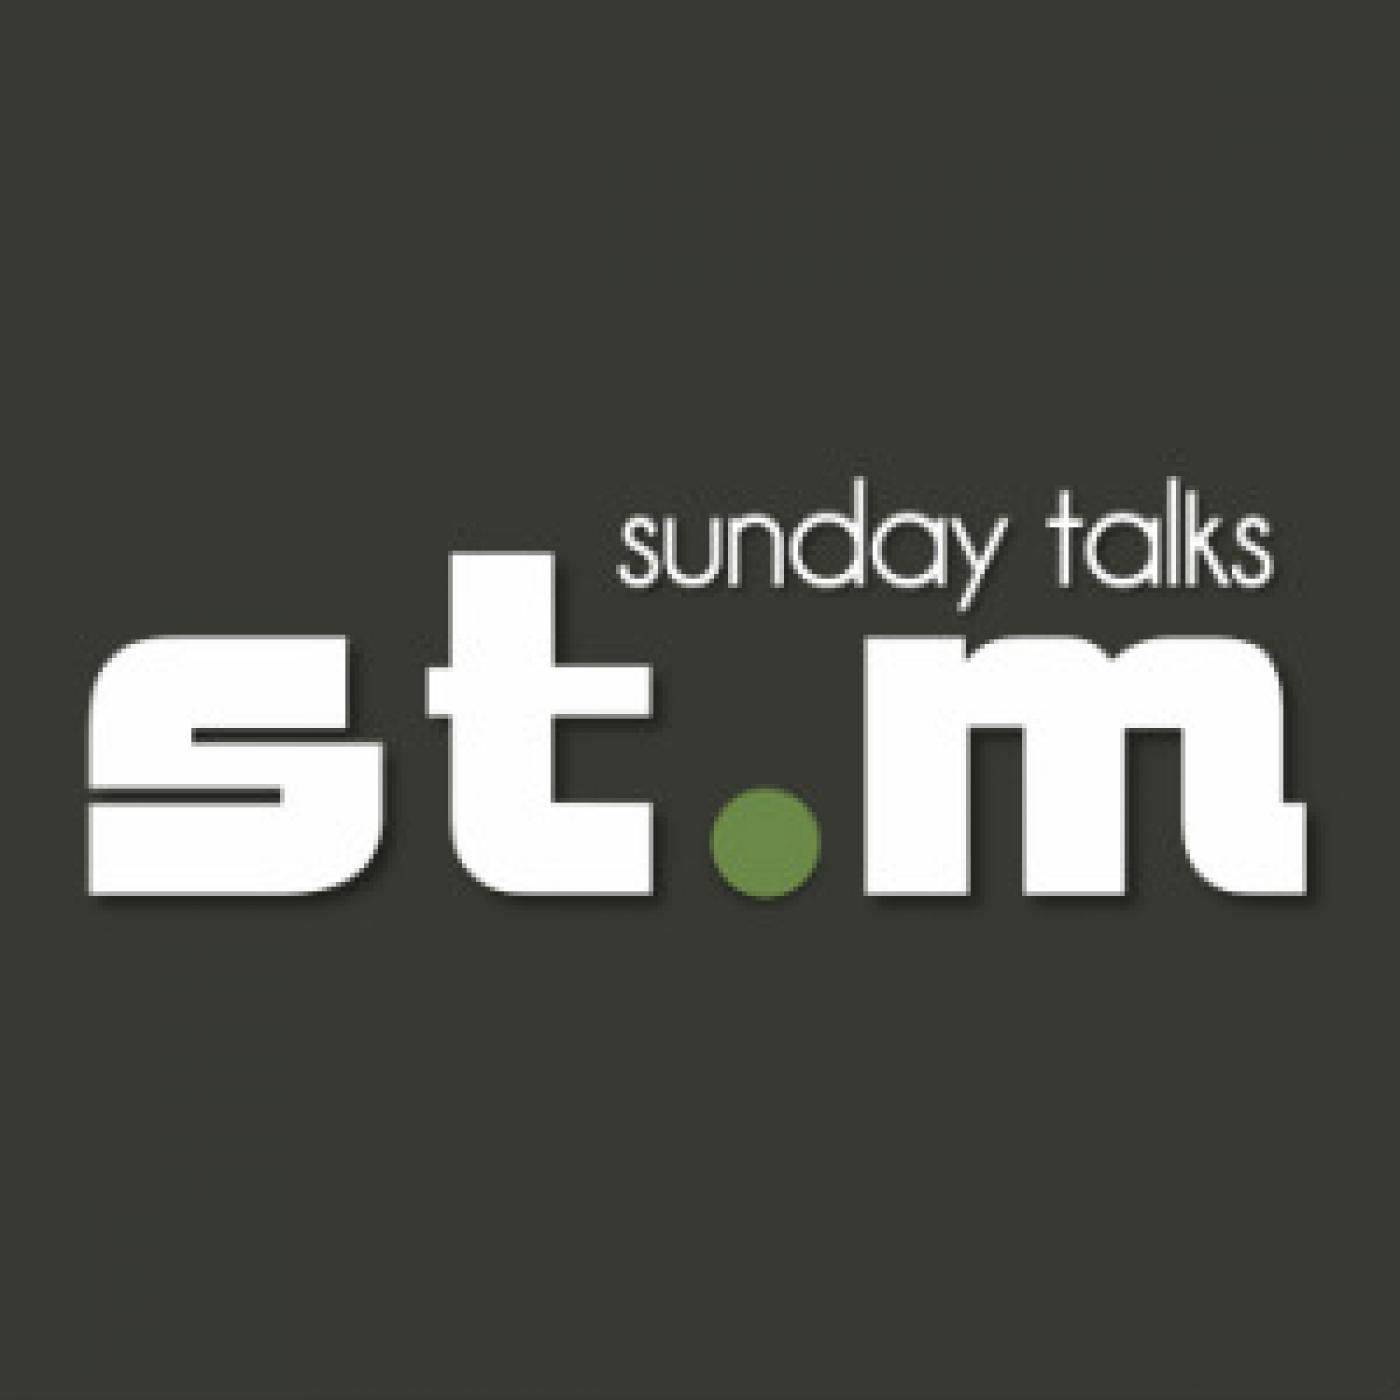 St Martin's Church: Sunday Talks